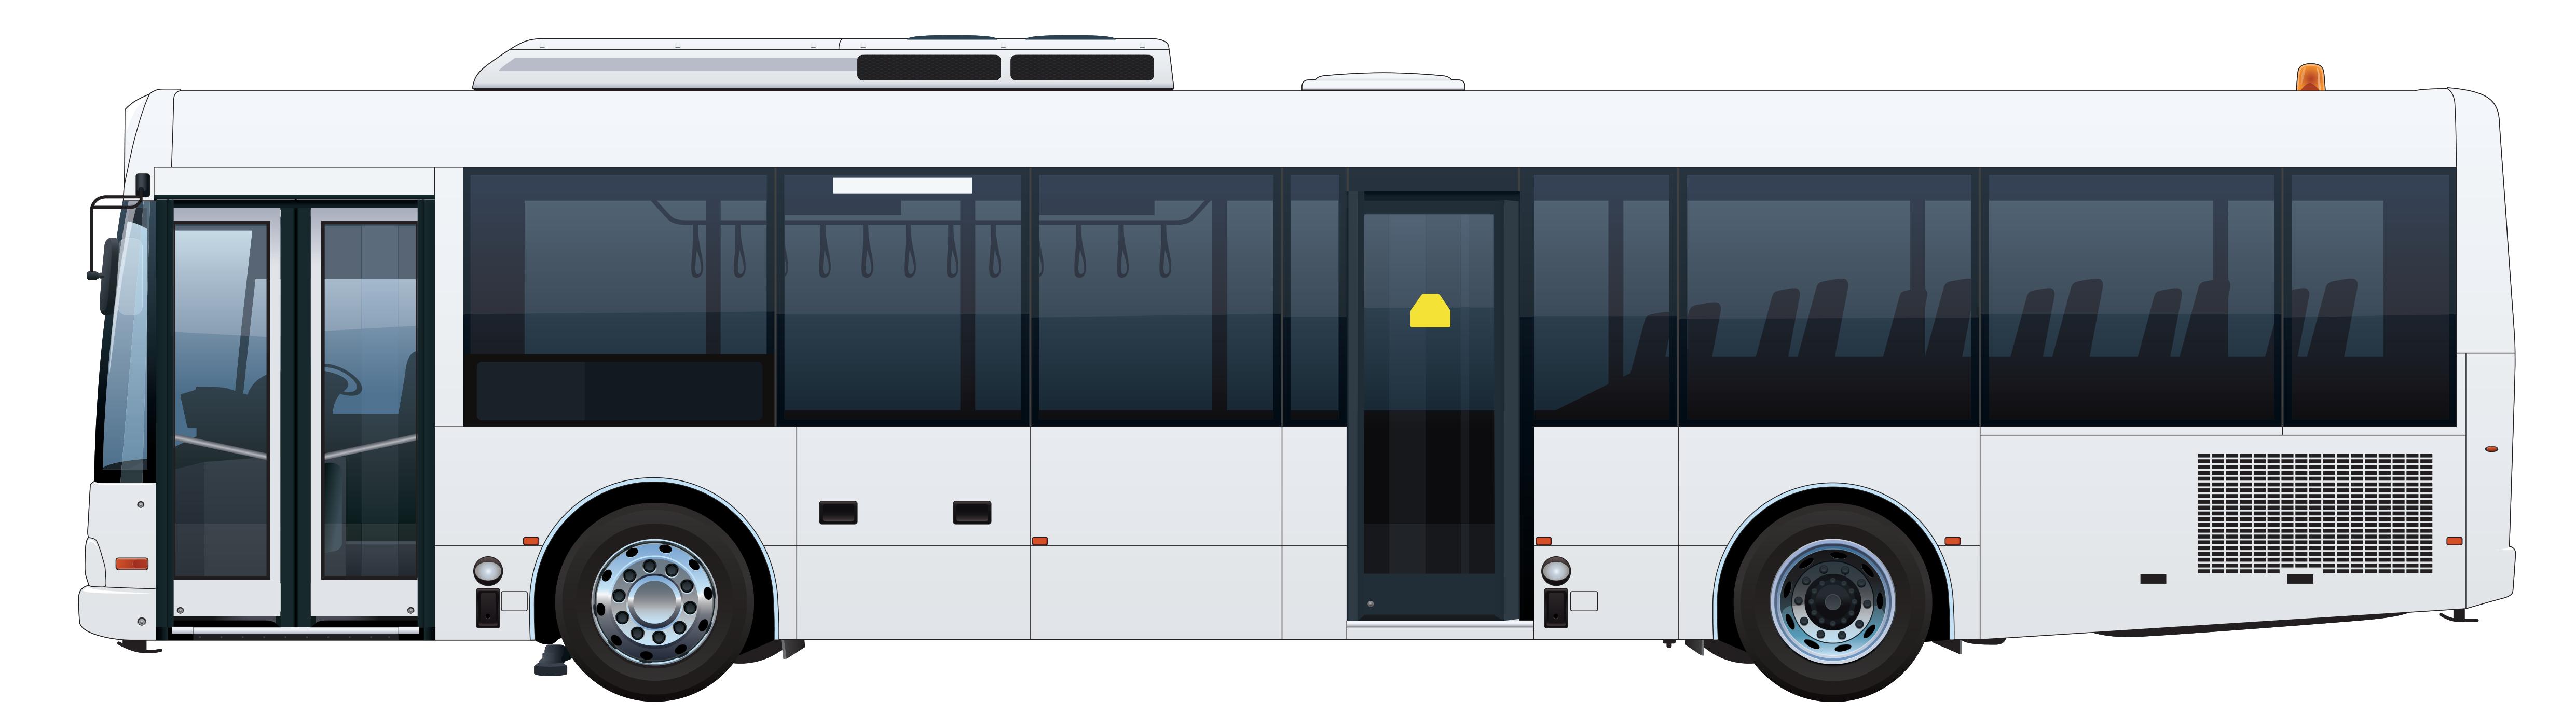 Clipart bus land transport. Png best web